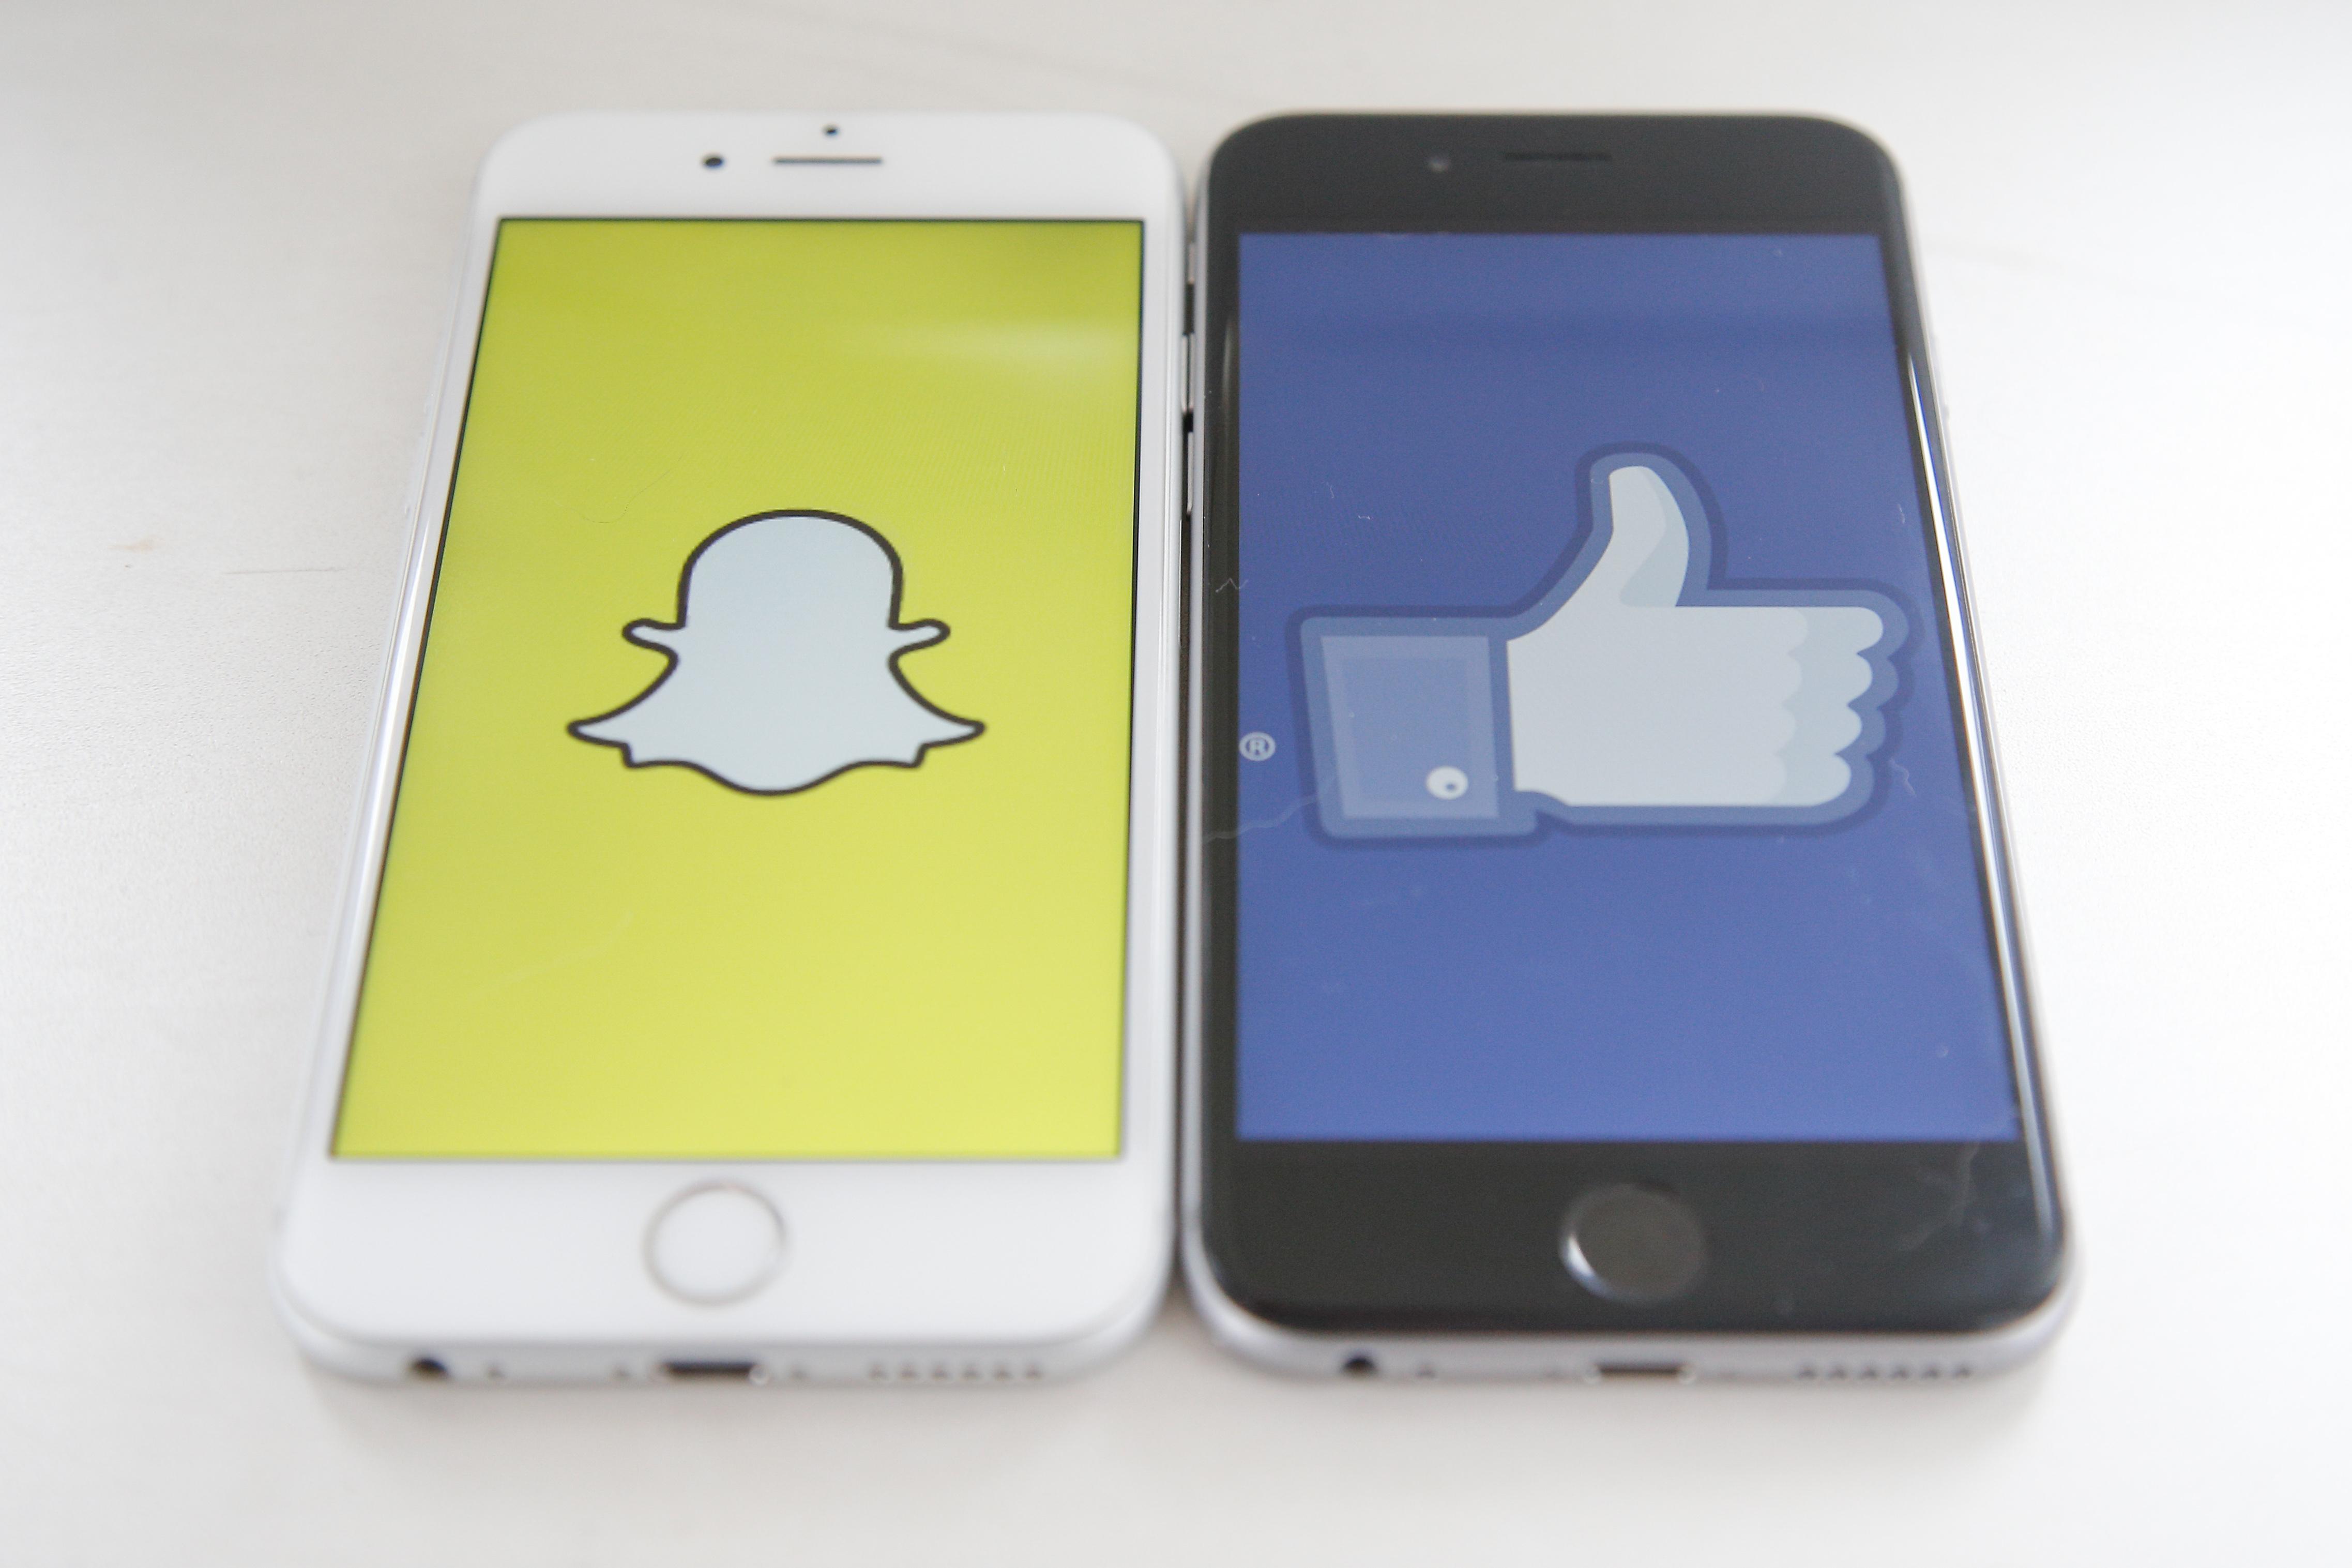 A Snapchat meglépte, amit a Facebook is tervez, és már százezrek tiltakoznak ellene